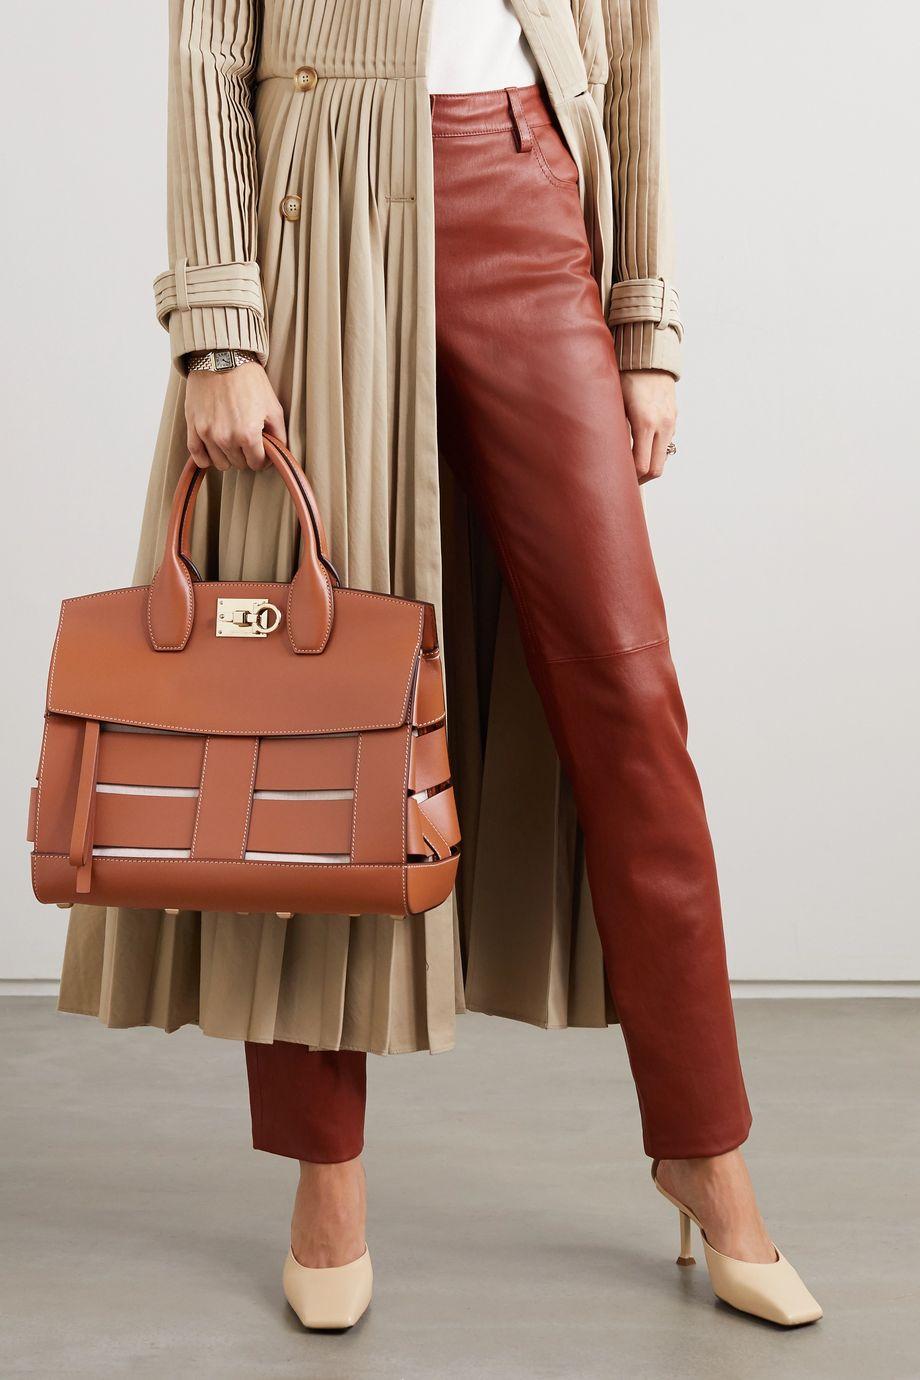 Salvatore Ferragamo The Studio Cage leather tote